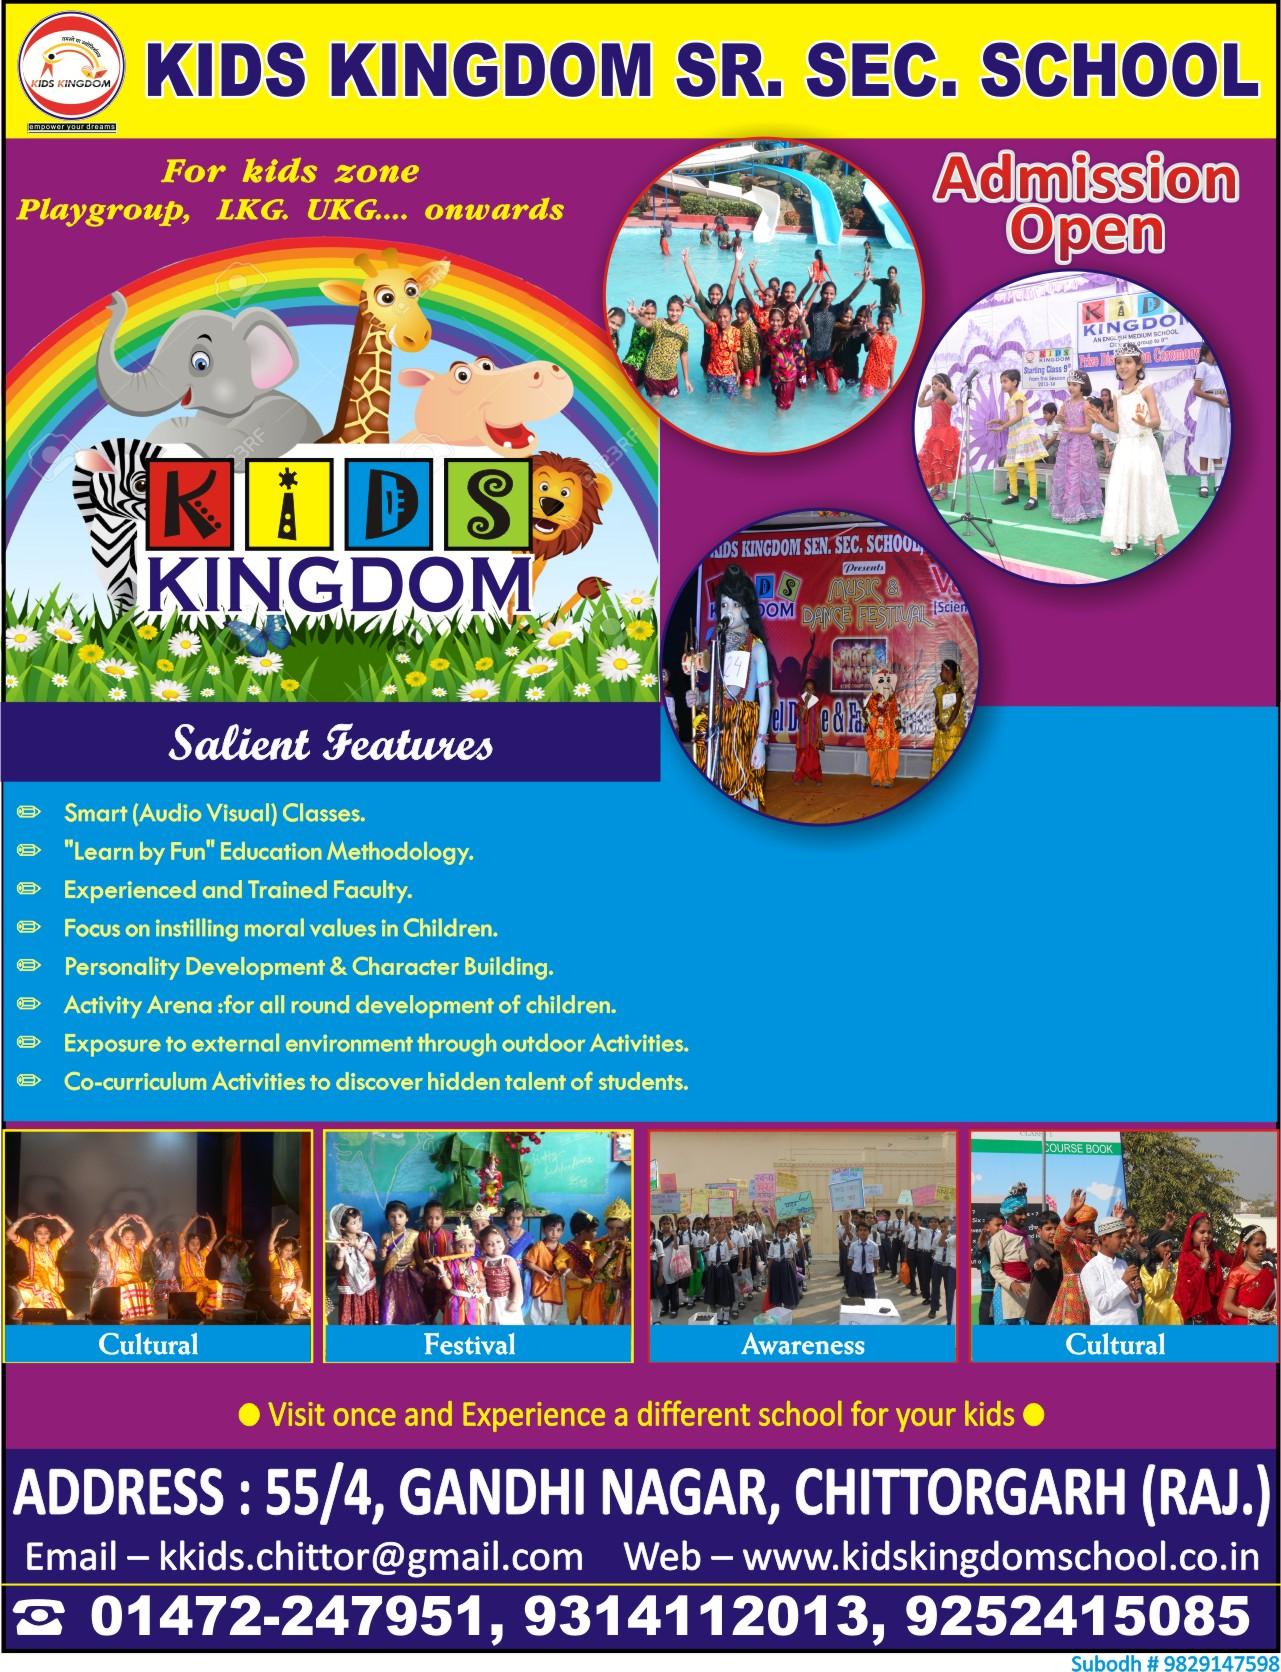 Kids Kingdom School